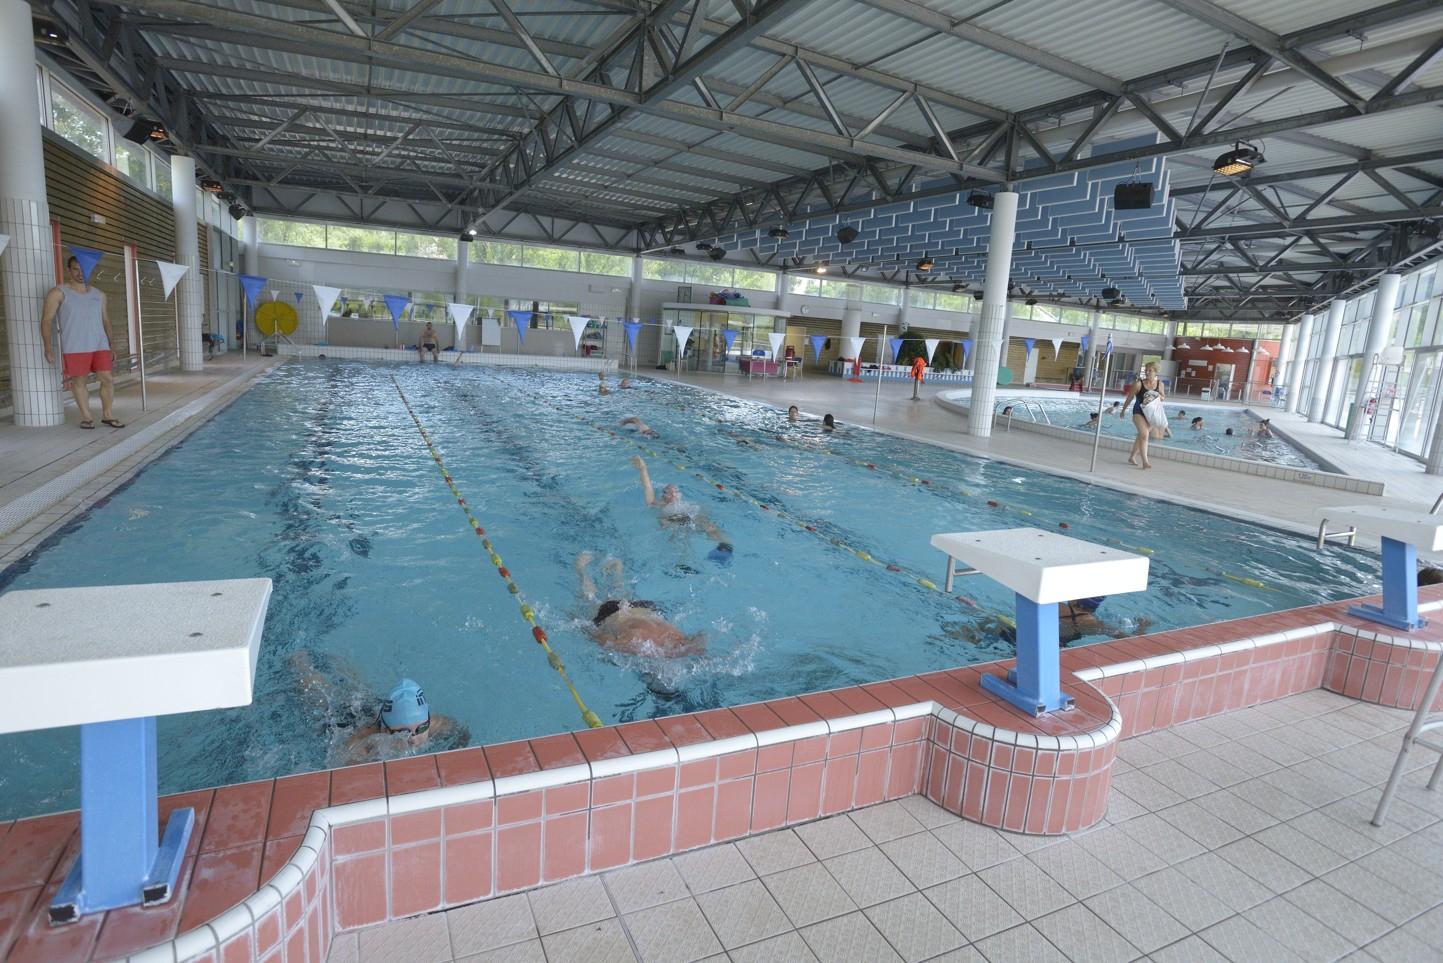 Centre Aquatique Bleu Rive intérieur Piscine Chateauneuf De Galaure